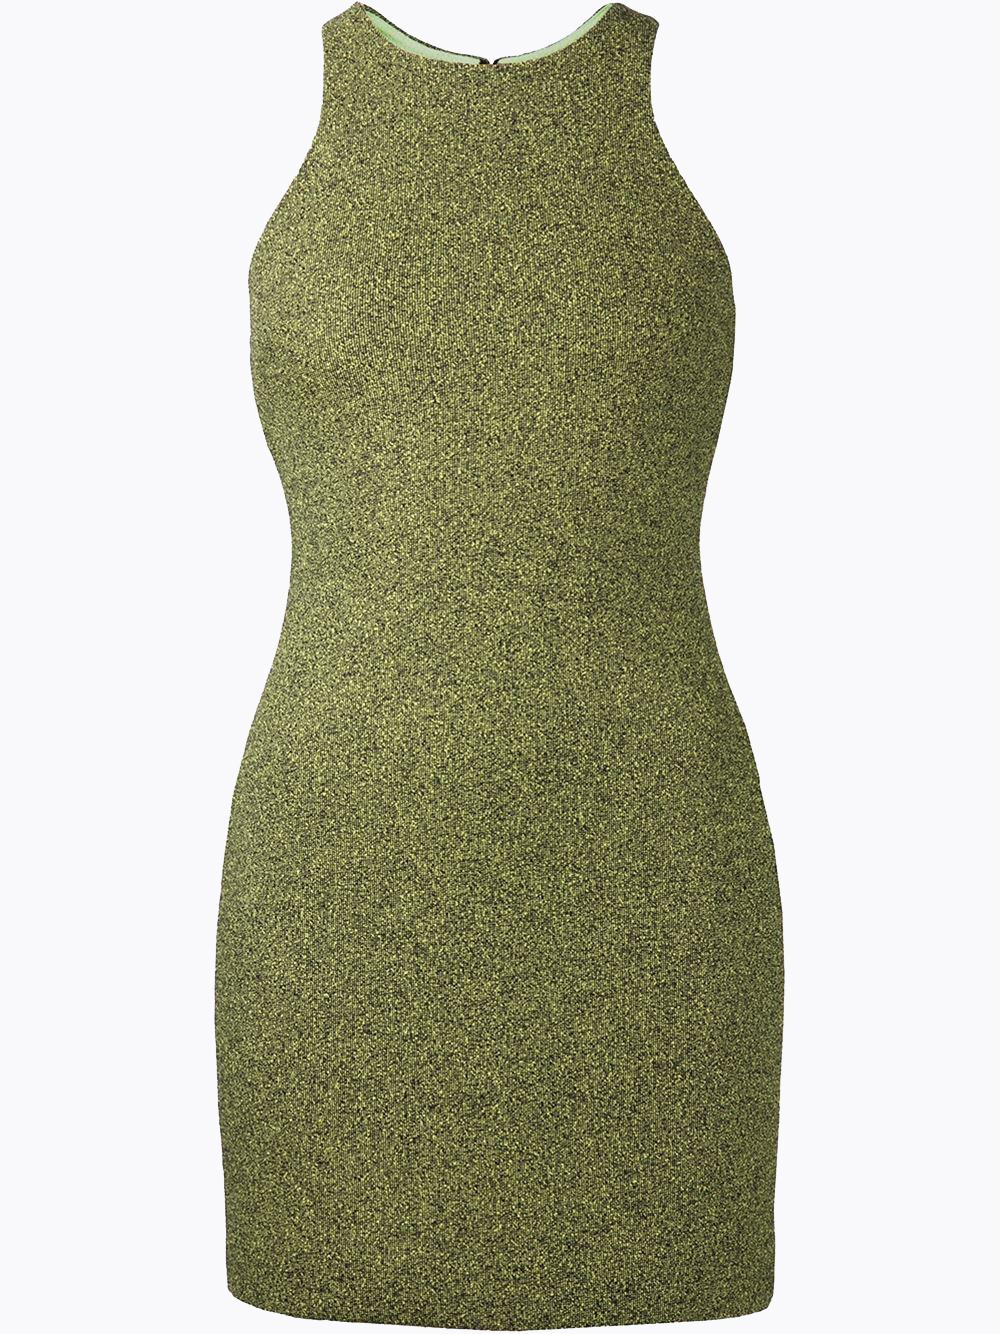 Платье T By Alexander Wang1 6 самых сексуальных модных марок